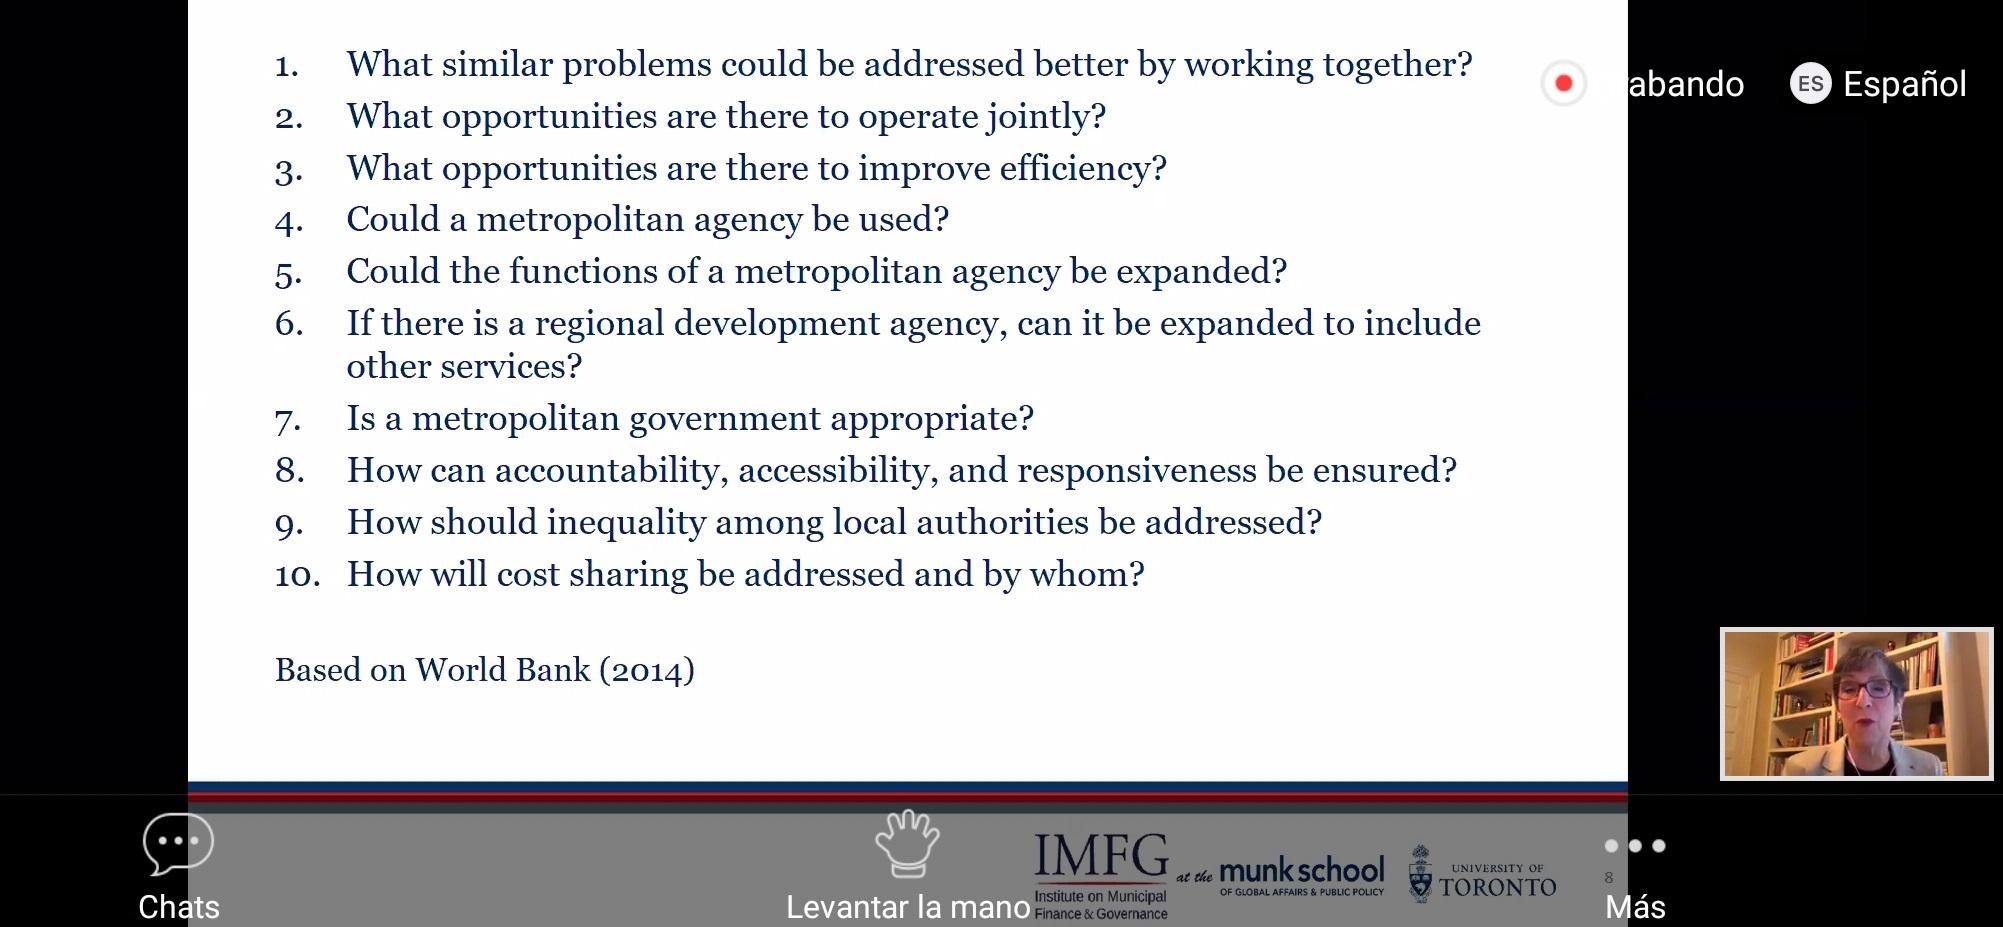 Gobernanza metropolitana es la clave para el desarrollo y respuesta ante COVID-19